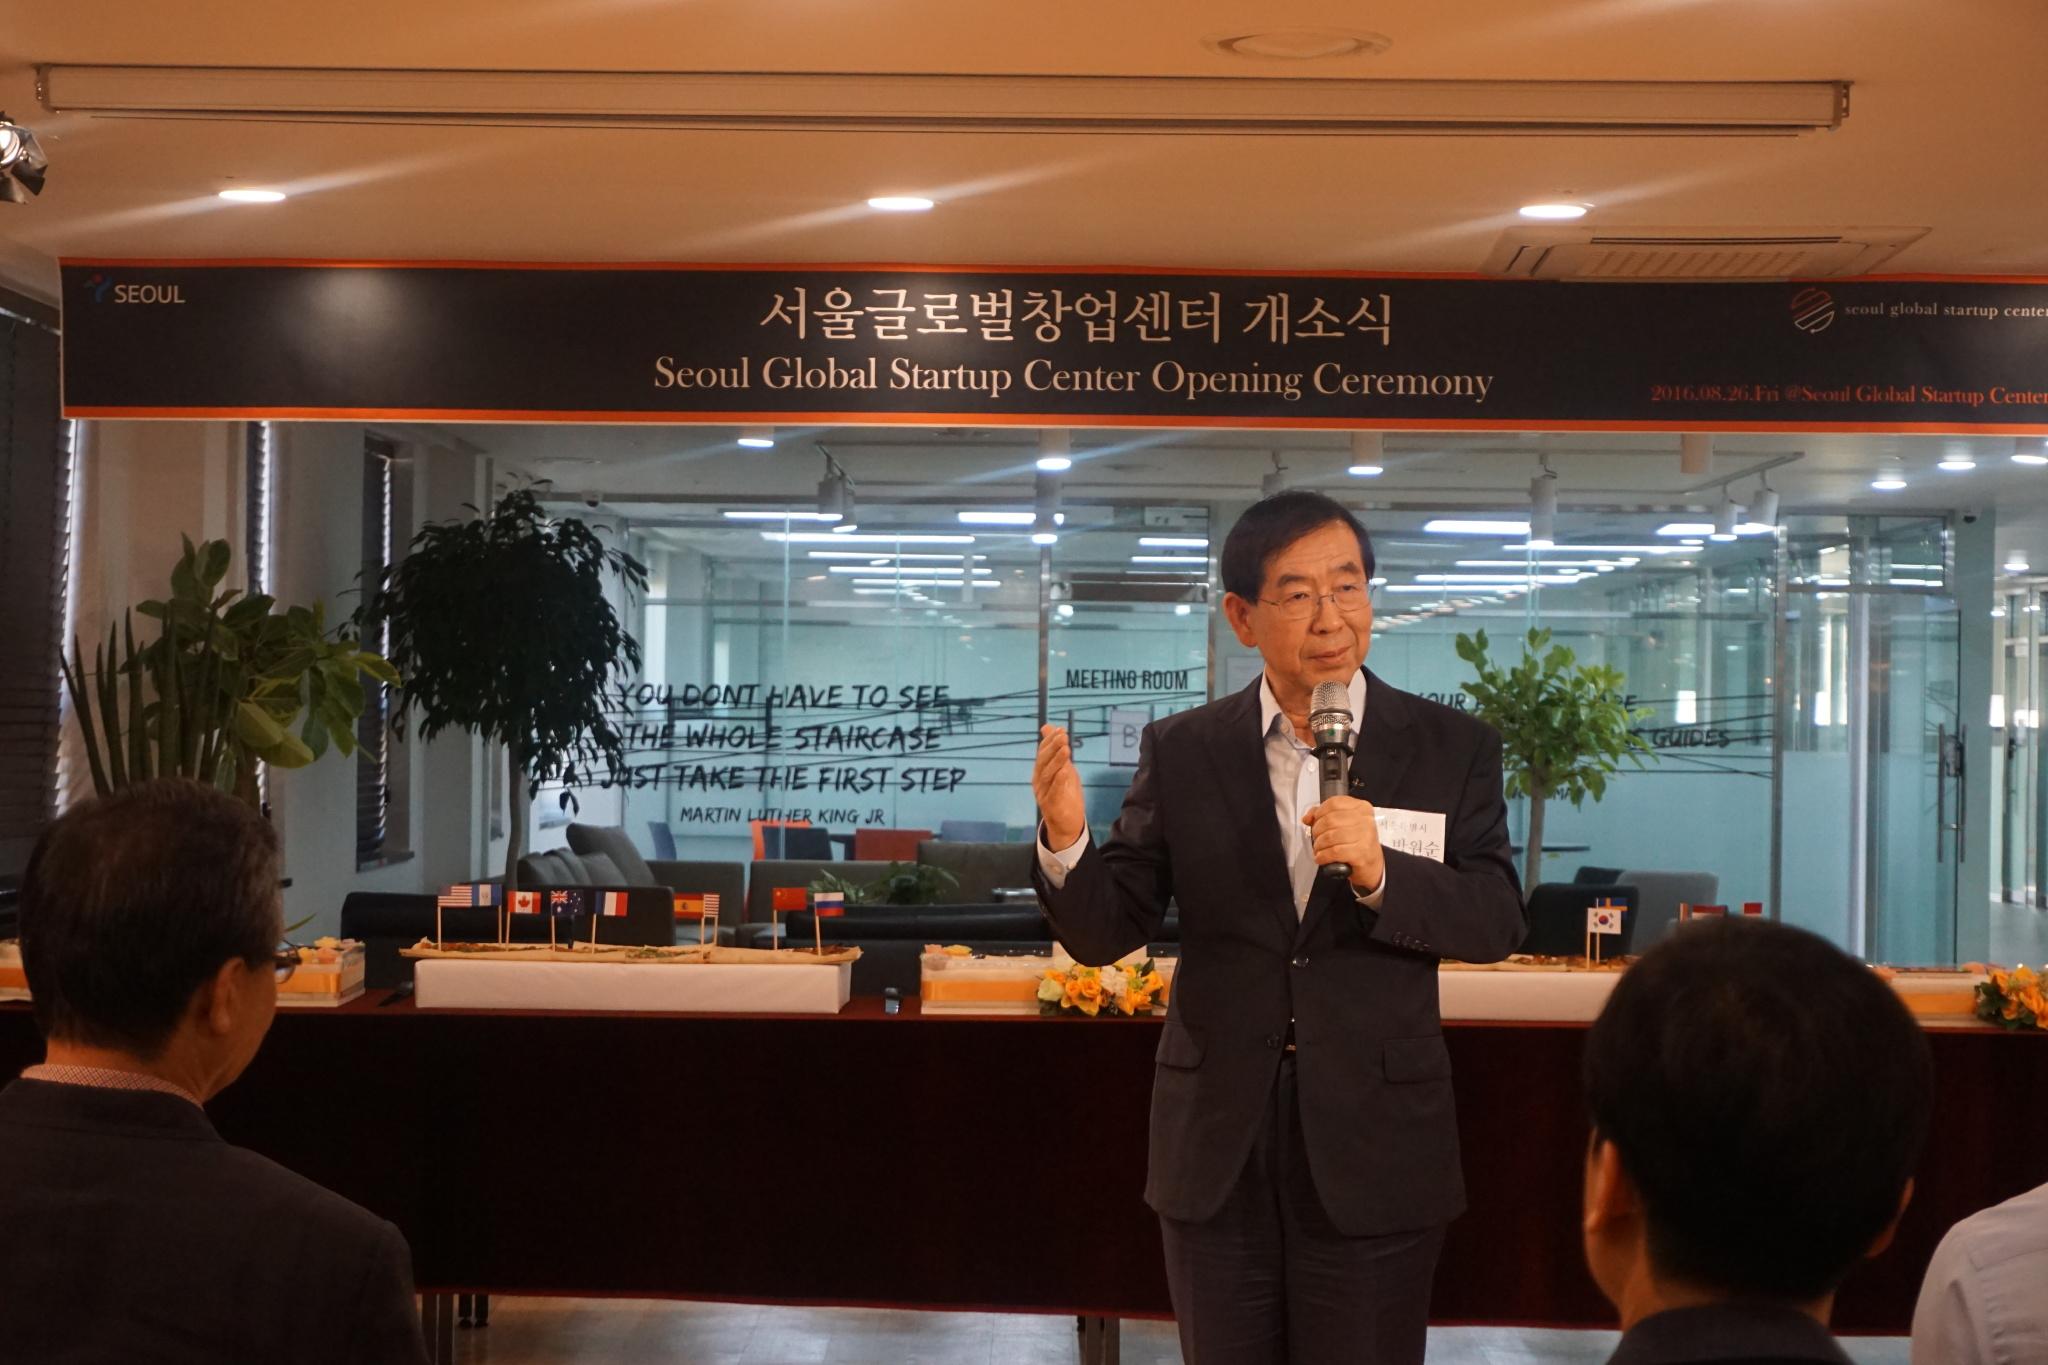 서울 글로벌 창업센터(Seoul Global Startup Center=Seoul GSC) 개소식에서 축사 중인 박원순 서울시장